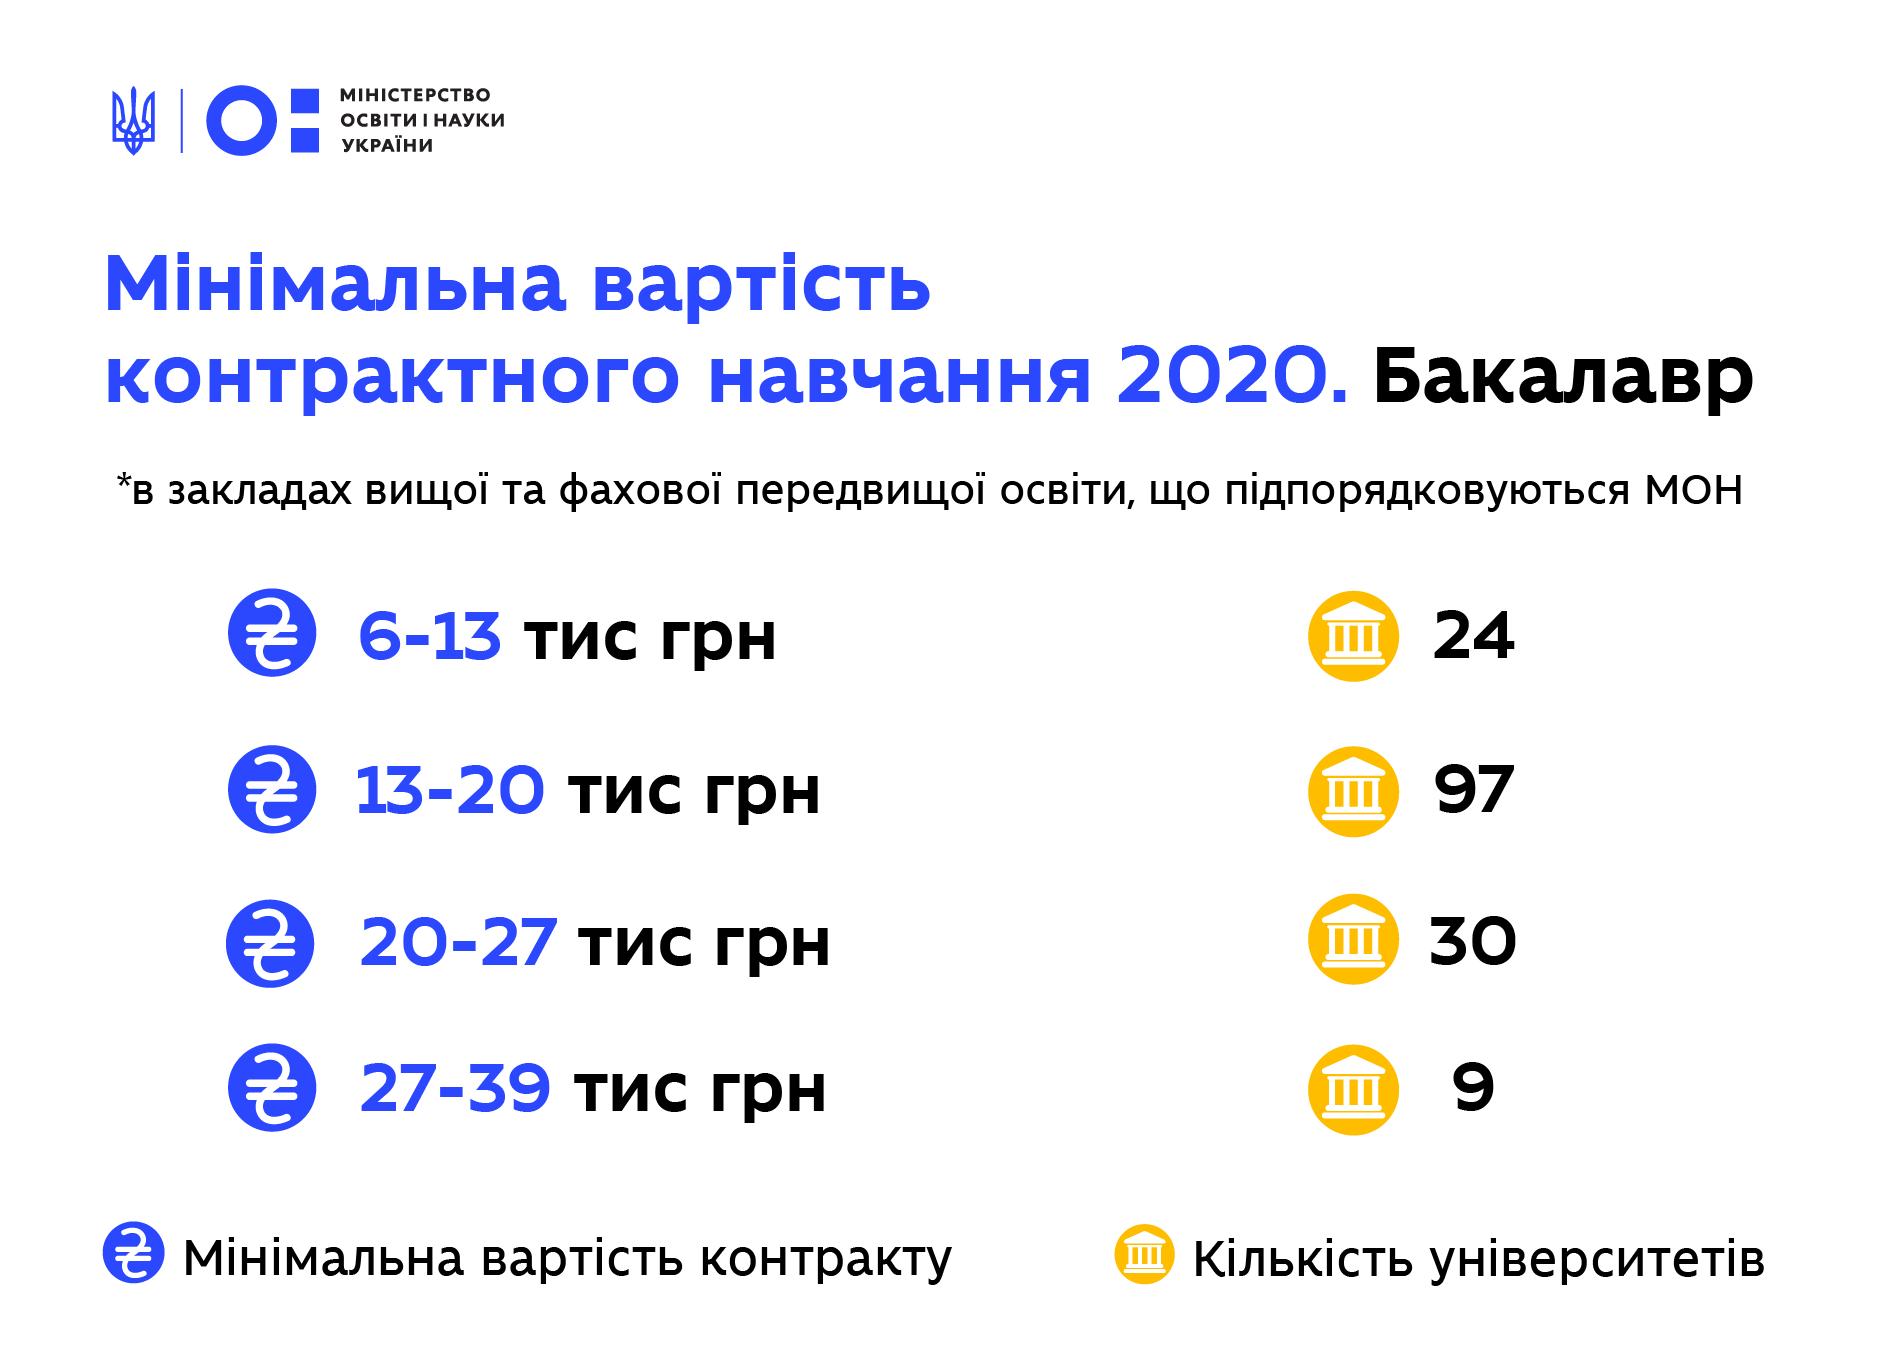 Вартість навчання на контракті у 2020 році